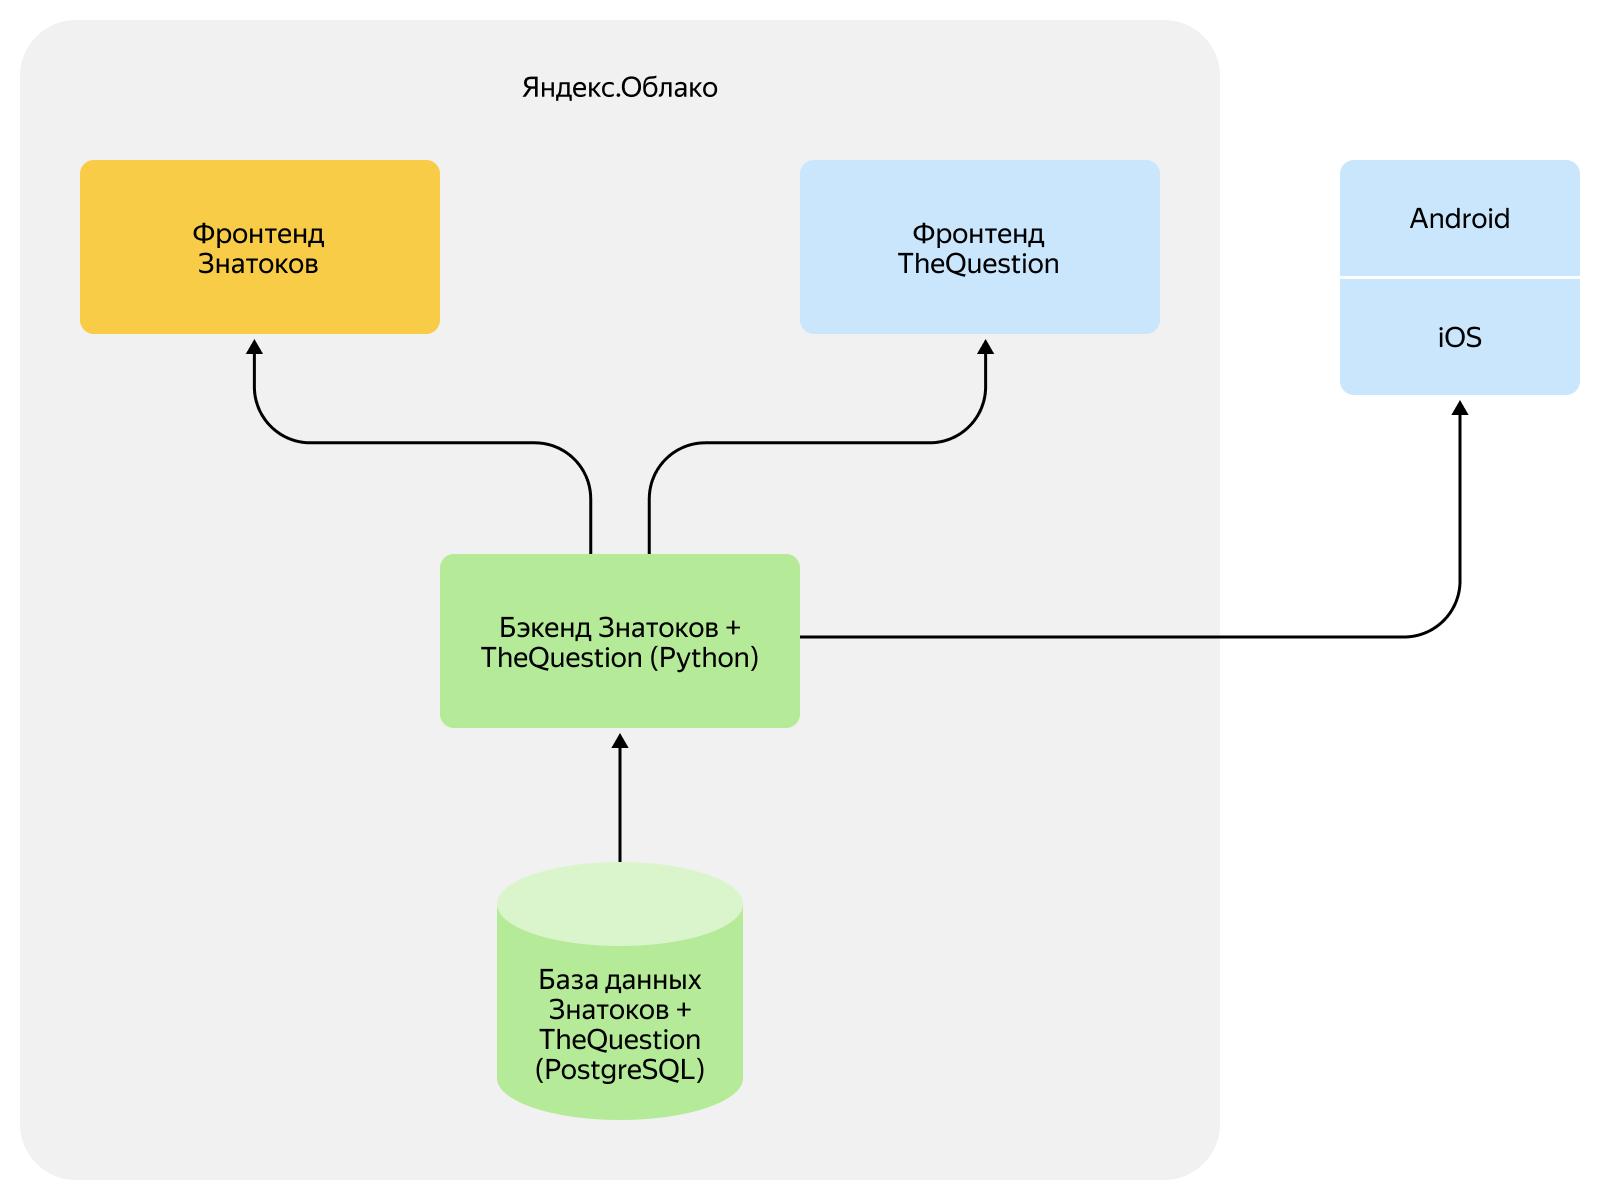 Как объединить две платформы в одну и не обидеть пользователей. Опыт разработчиков Яндекс.Кью - 5